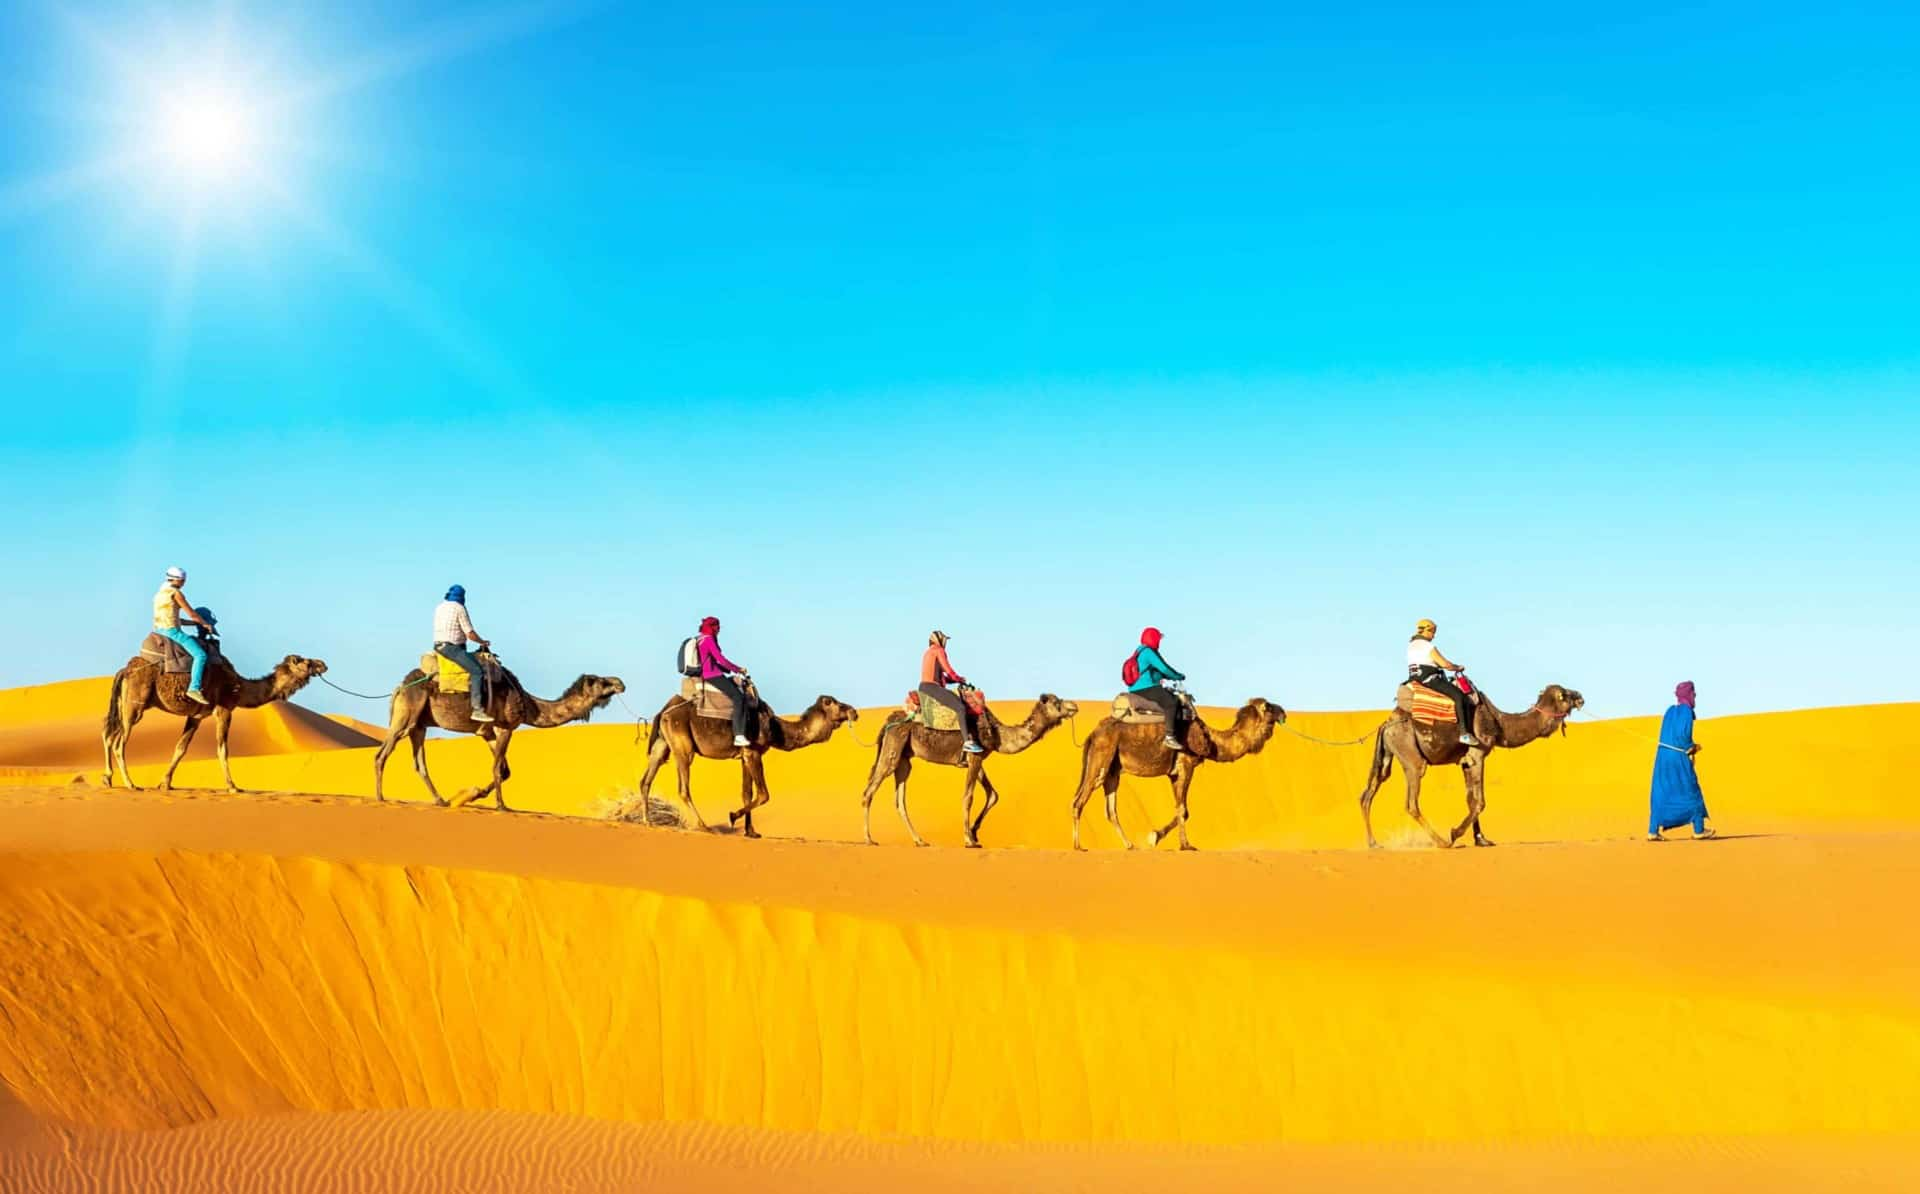 Explore the Sahara